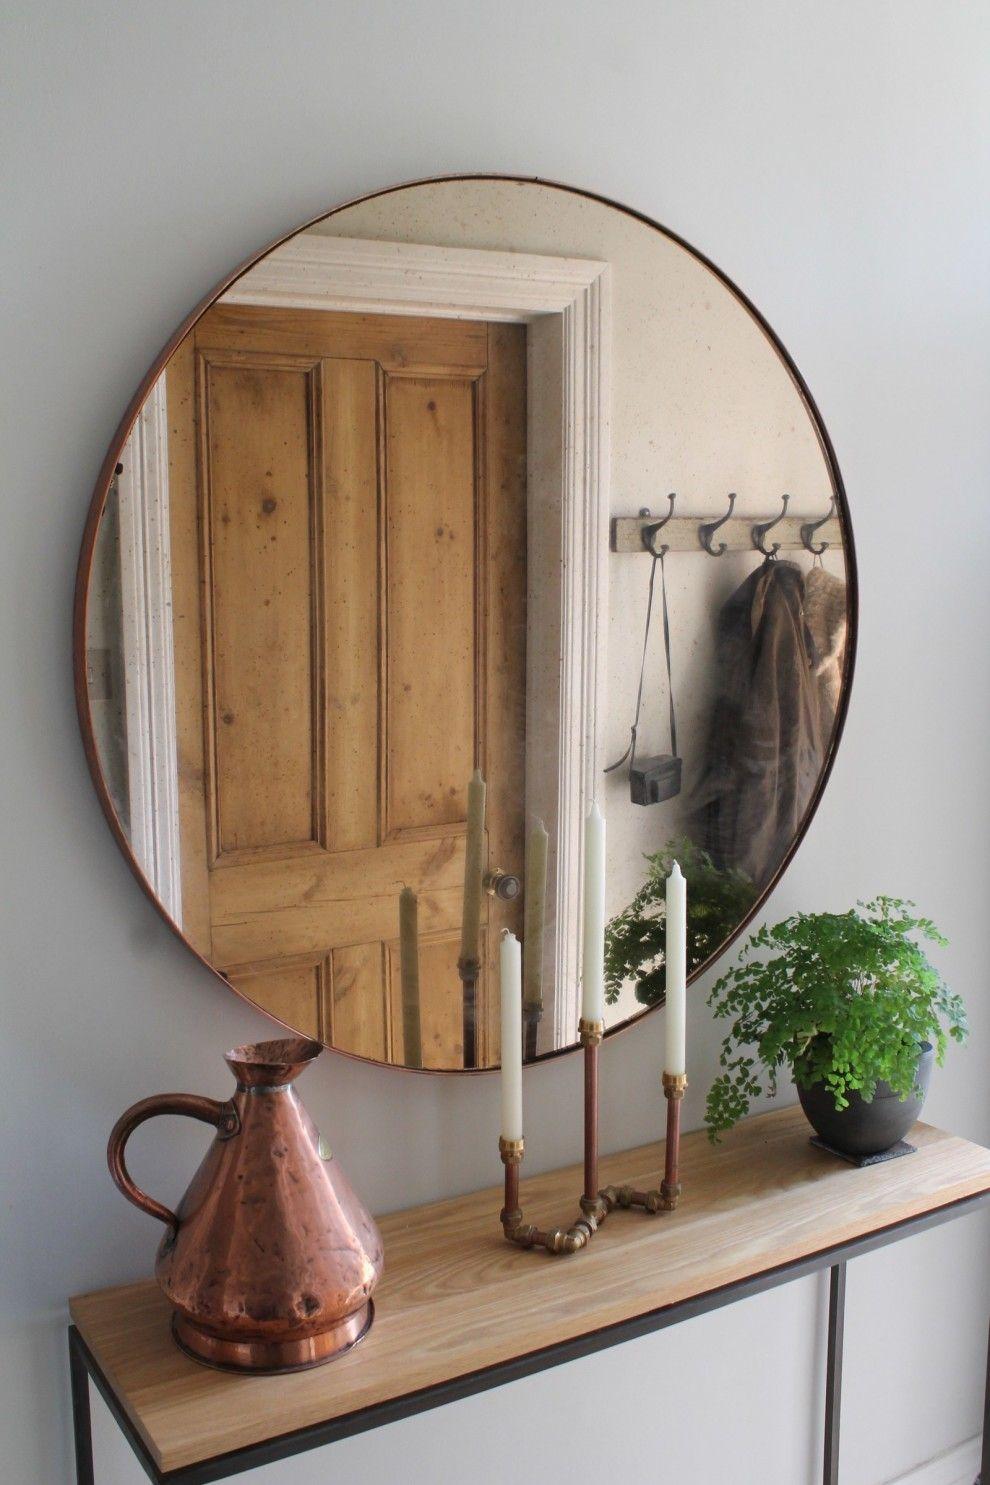 23 großartige Einrichtungs-Ideen für kleine Räume | Idée ...